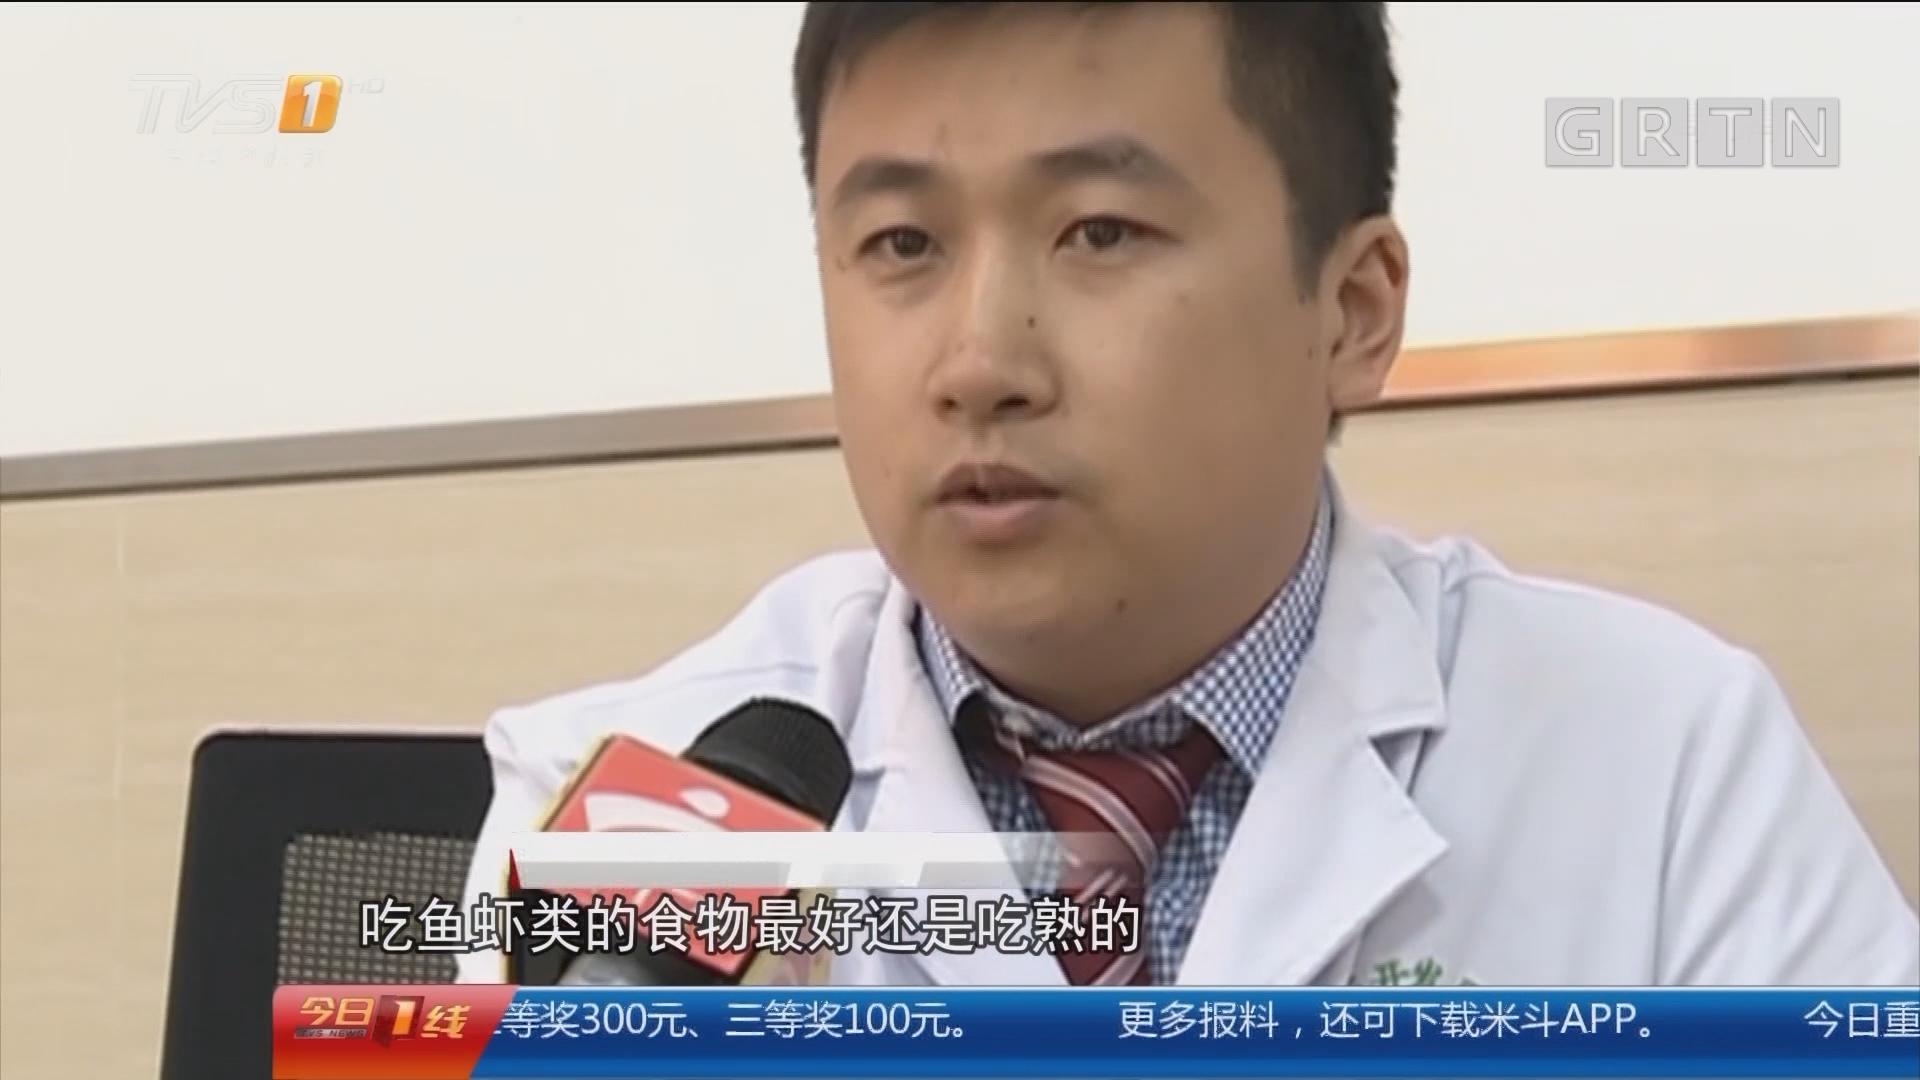 中山:男子胆囊取出活虫 只因爱吃鱼生?